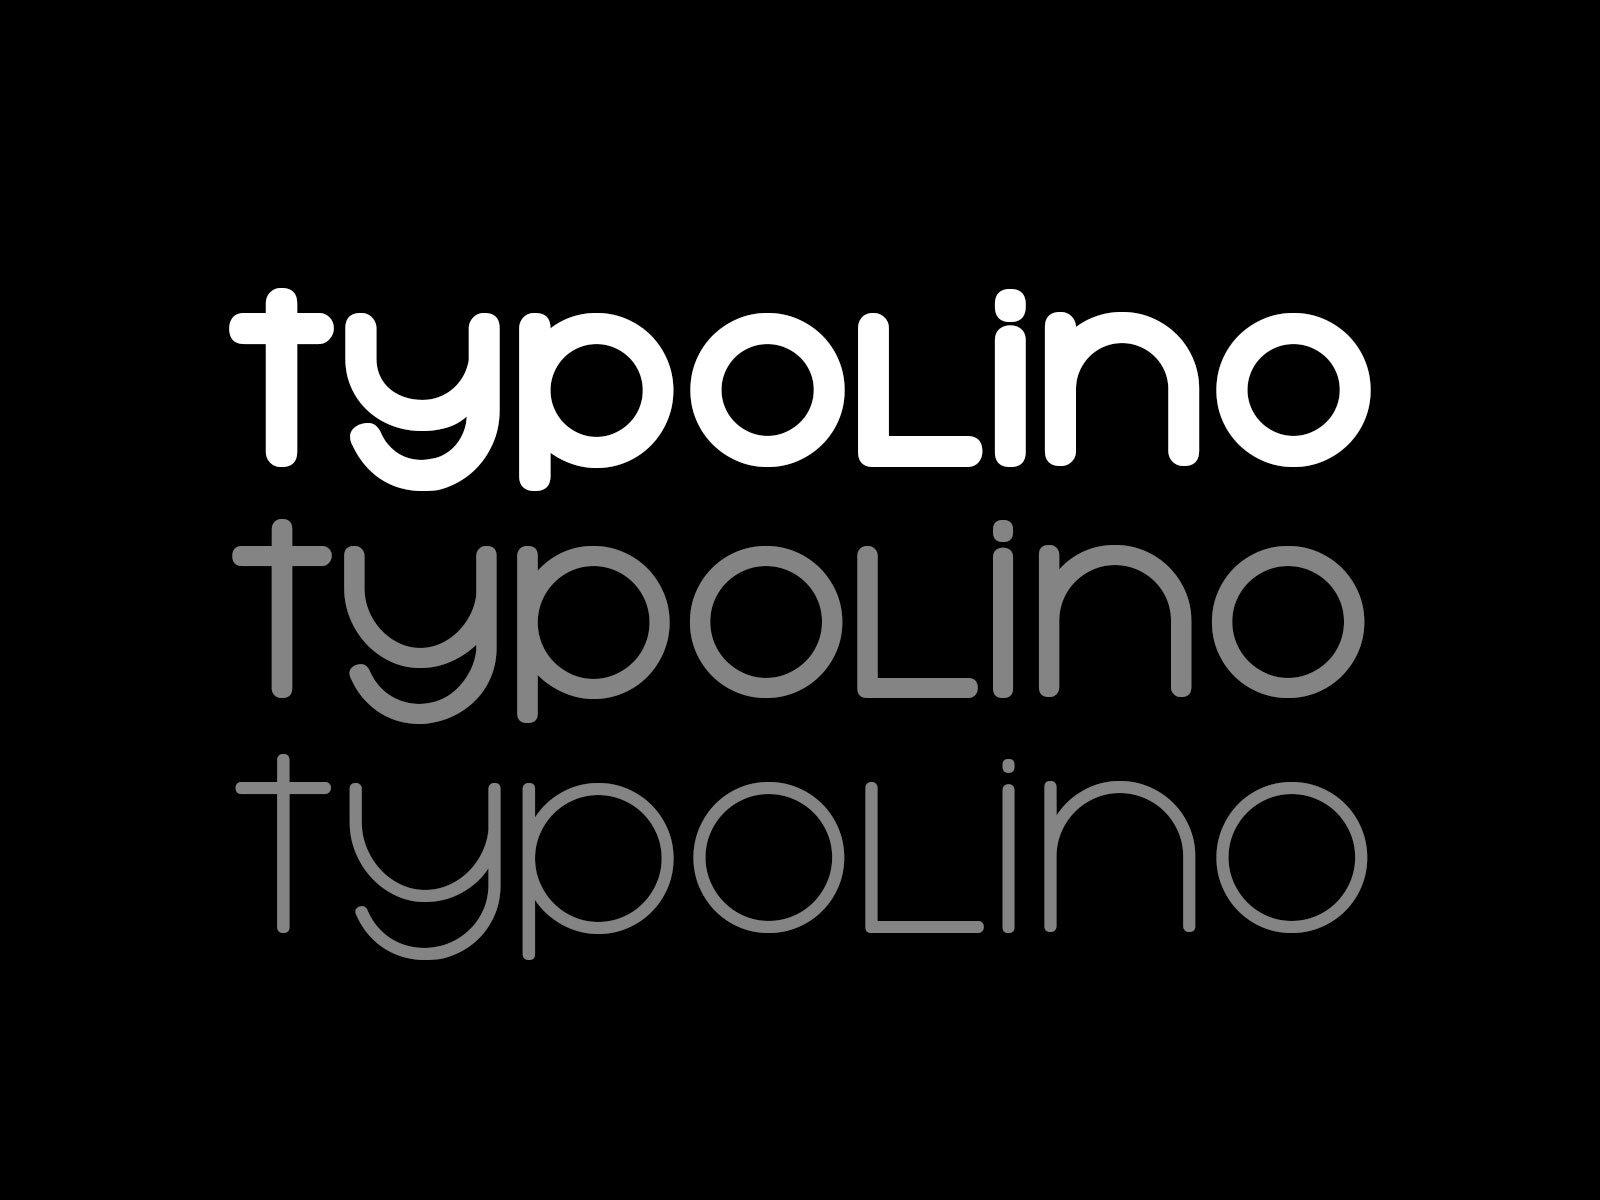 Free-Typolino-Free-Font-Download